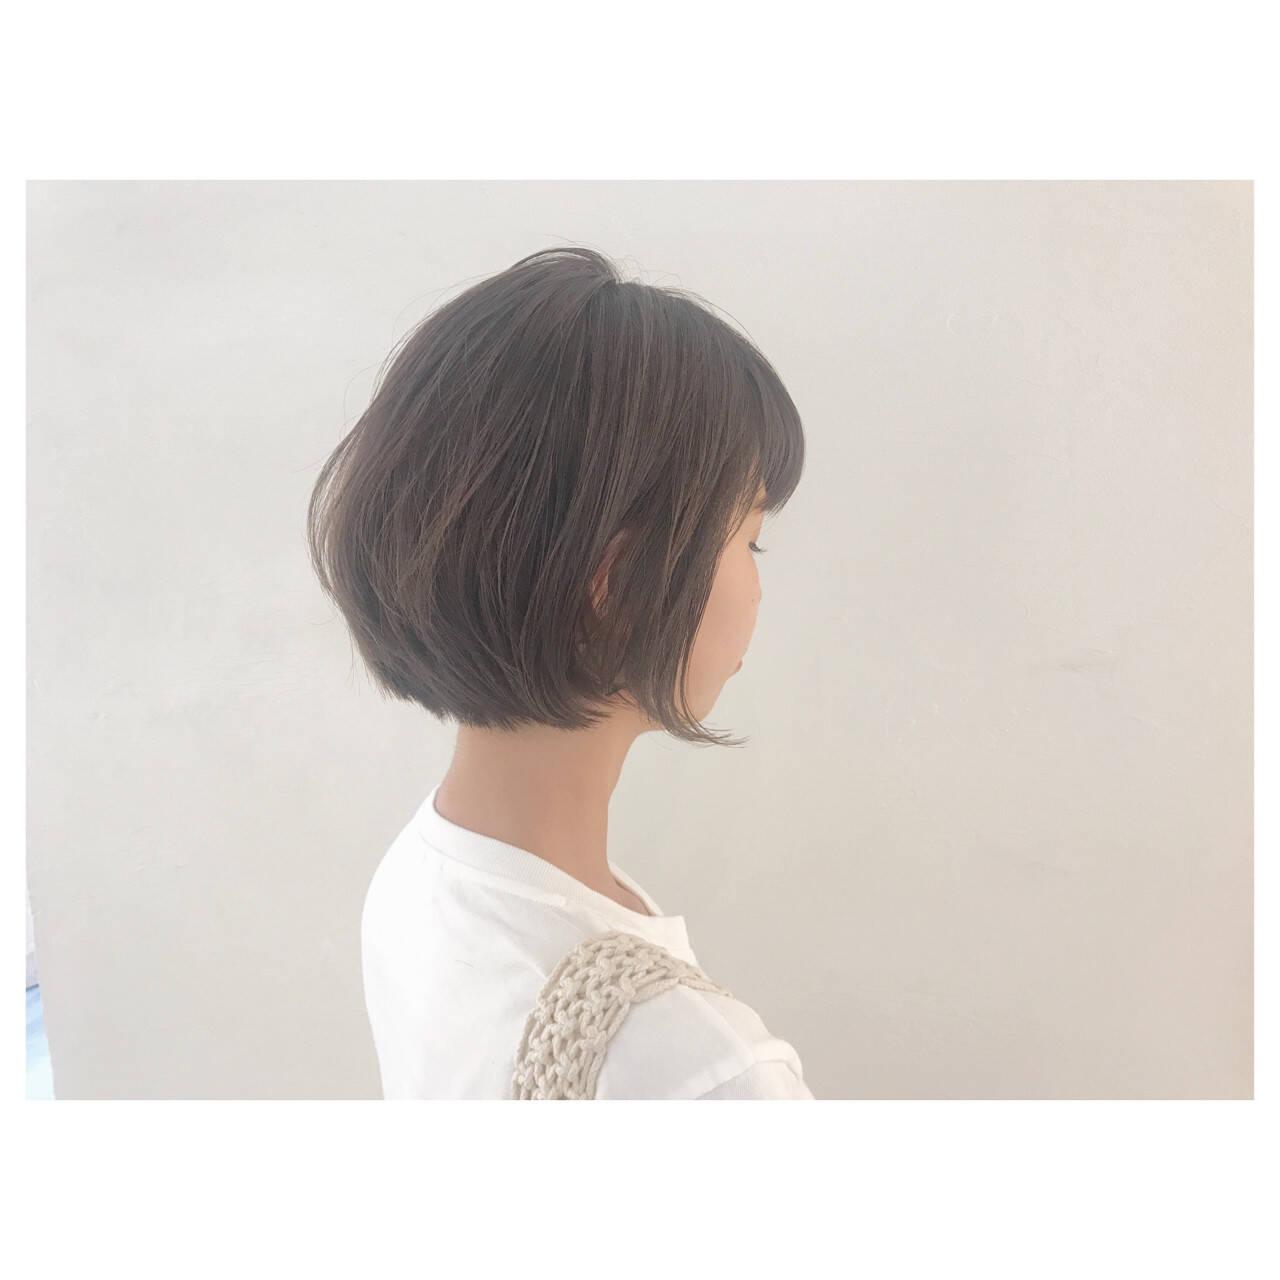 アッシュベージュ 大人かわいい オフィス 前下がりヘアスタイルや髪型の写真・画像